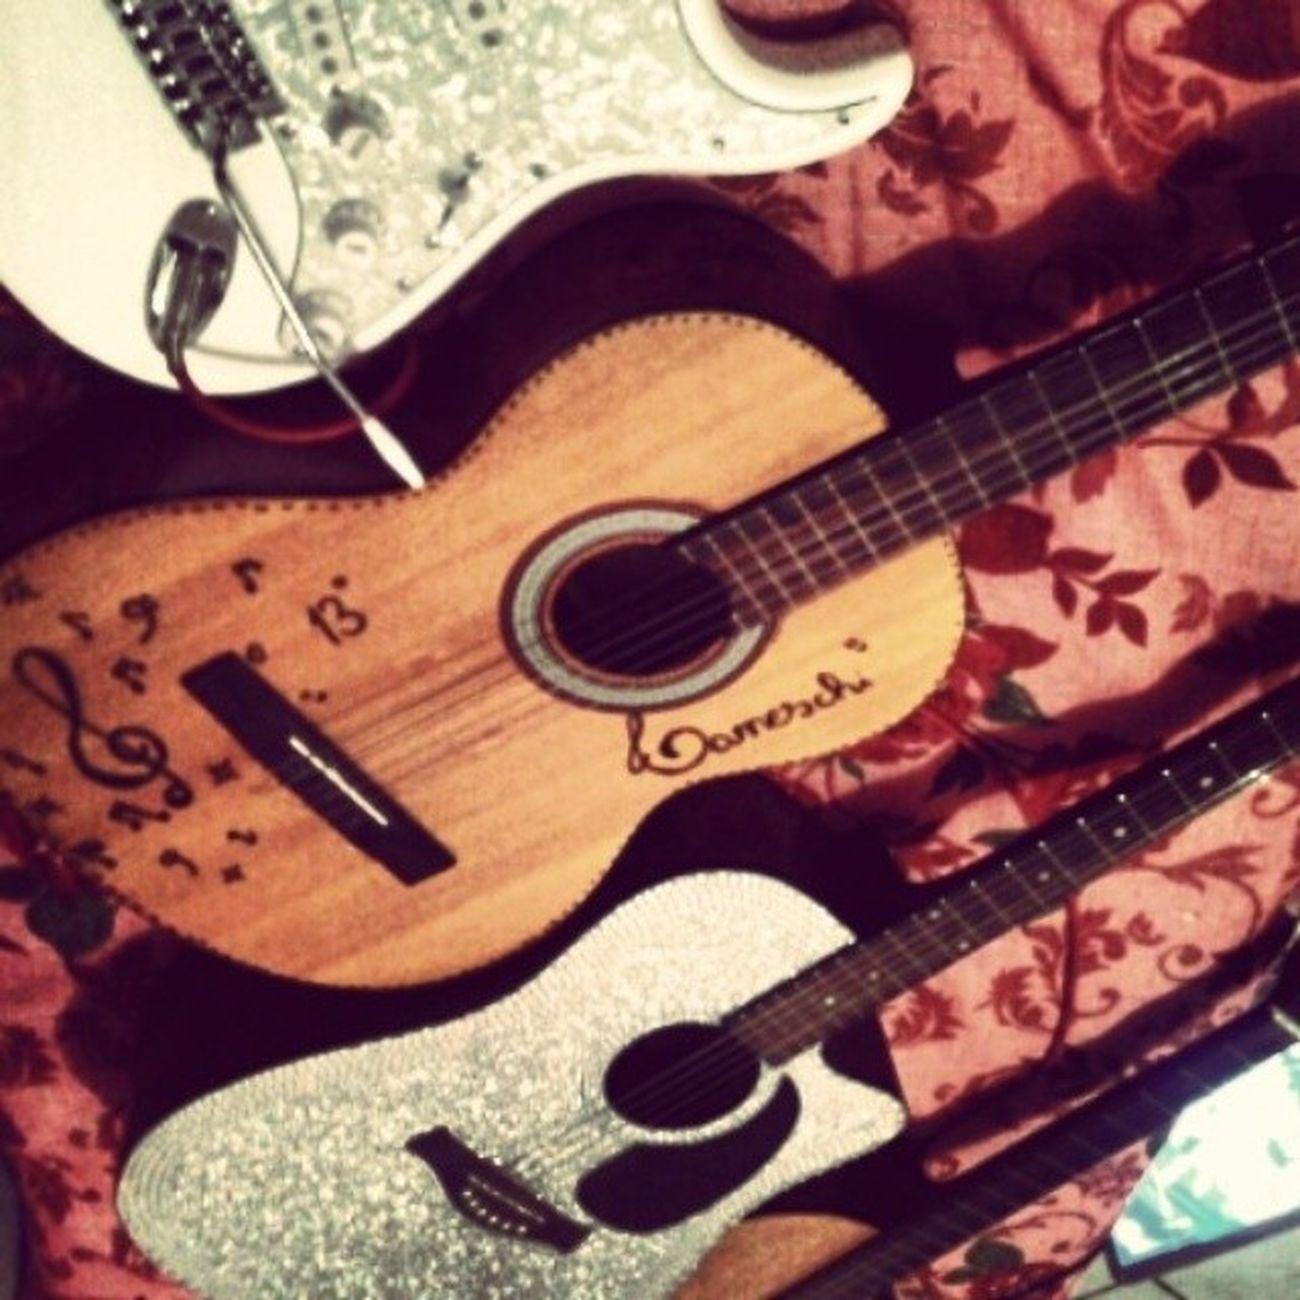 Music. guitars. passion. Love too Lovelovelove Instamusic Instaguitars Instasong ^-^ ♥♥♥♥ ✨??